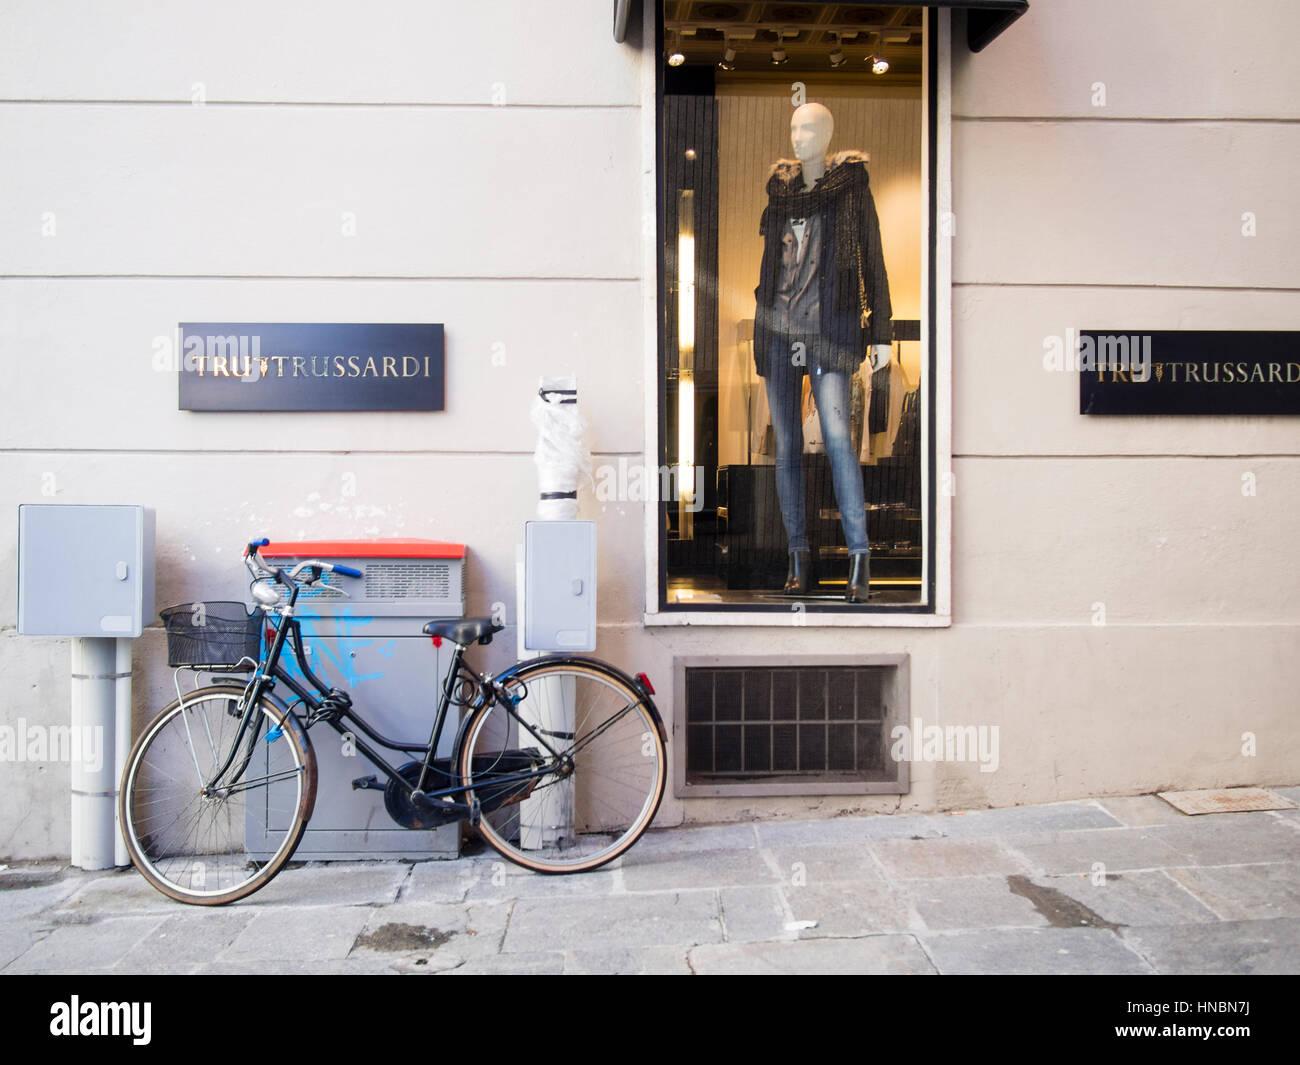 Magasin de vêtements, Trussardi Parma Italie Photo Stock